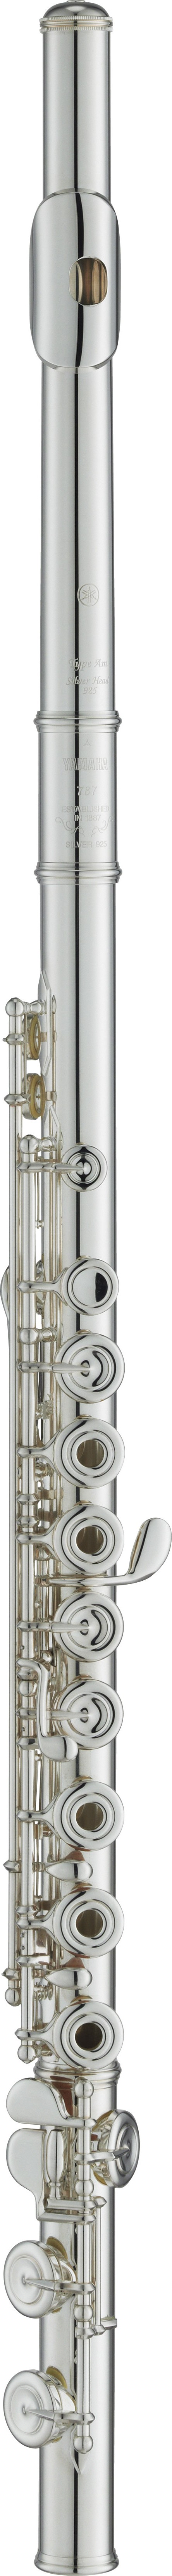 Yamaha - YFL - 787 - RCI - Holzblasinstrumente - Flöten ohne E-Mechanik | MUSIK BERTRAM Deutschland Freiburg